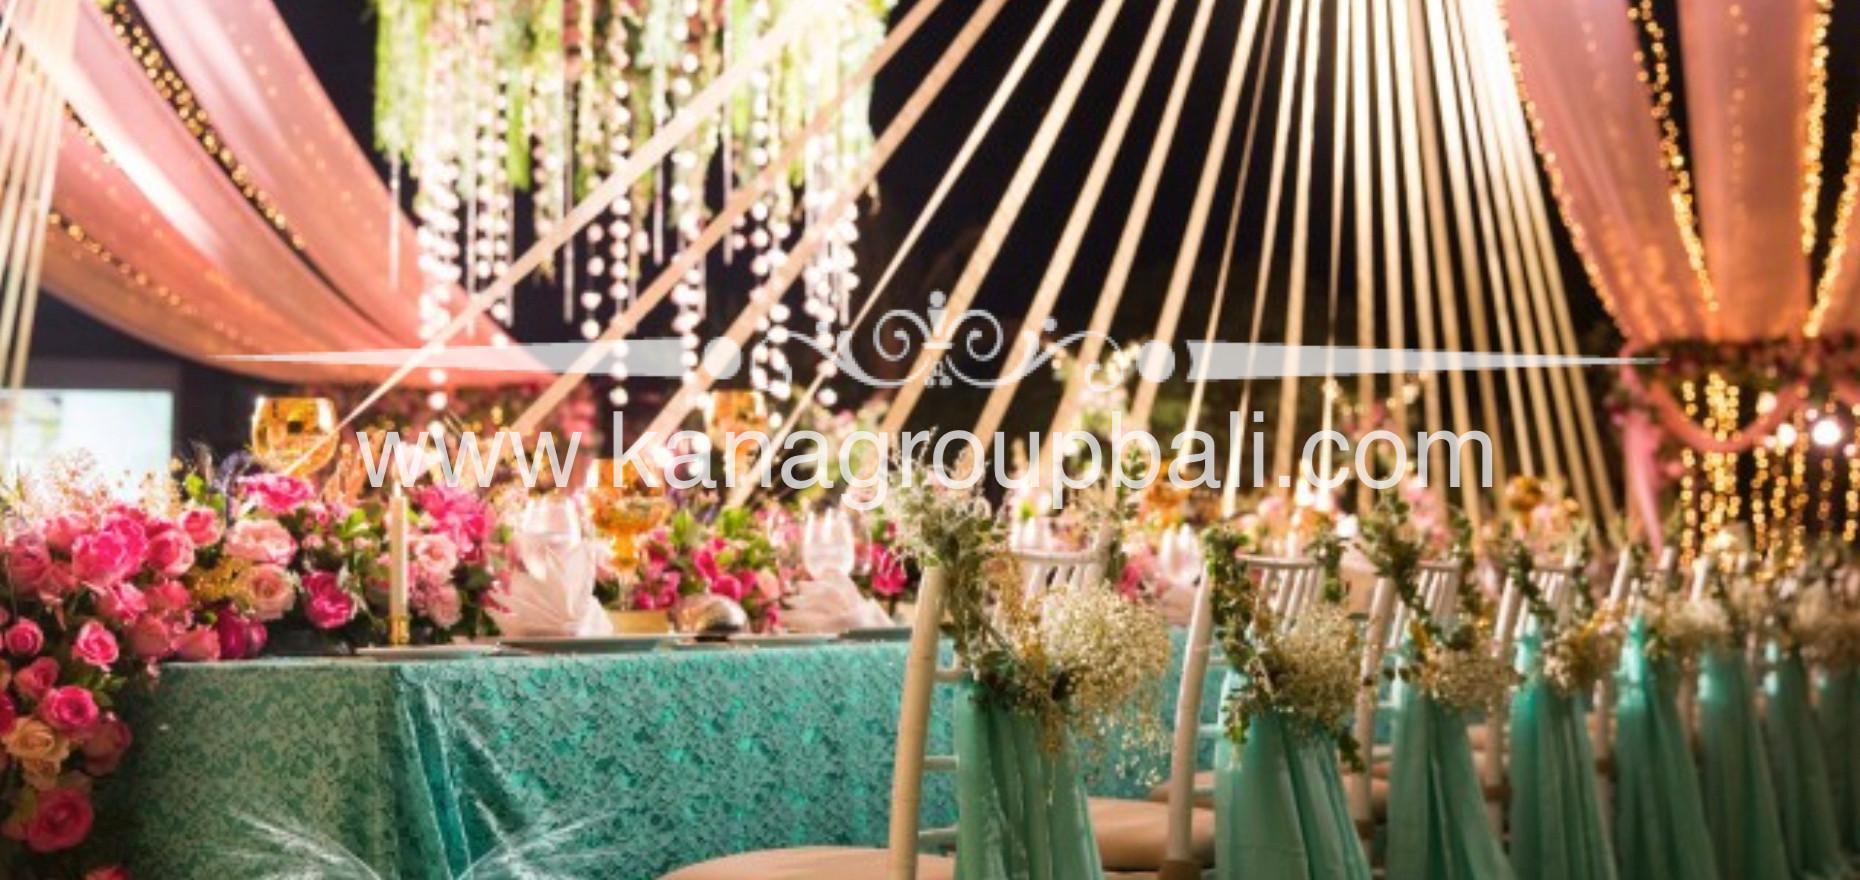 sky lawn wedding reception.jpg